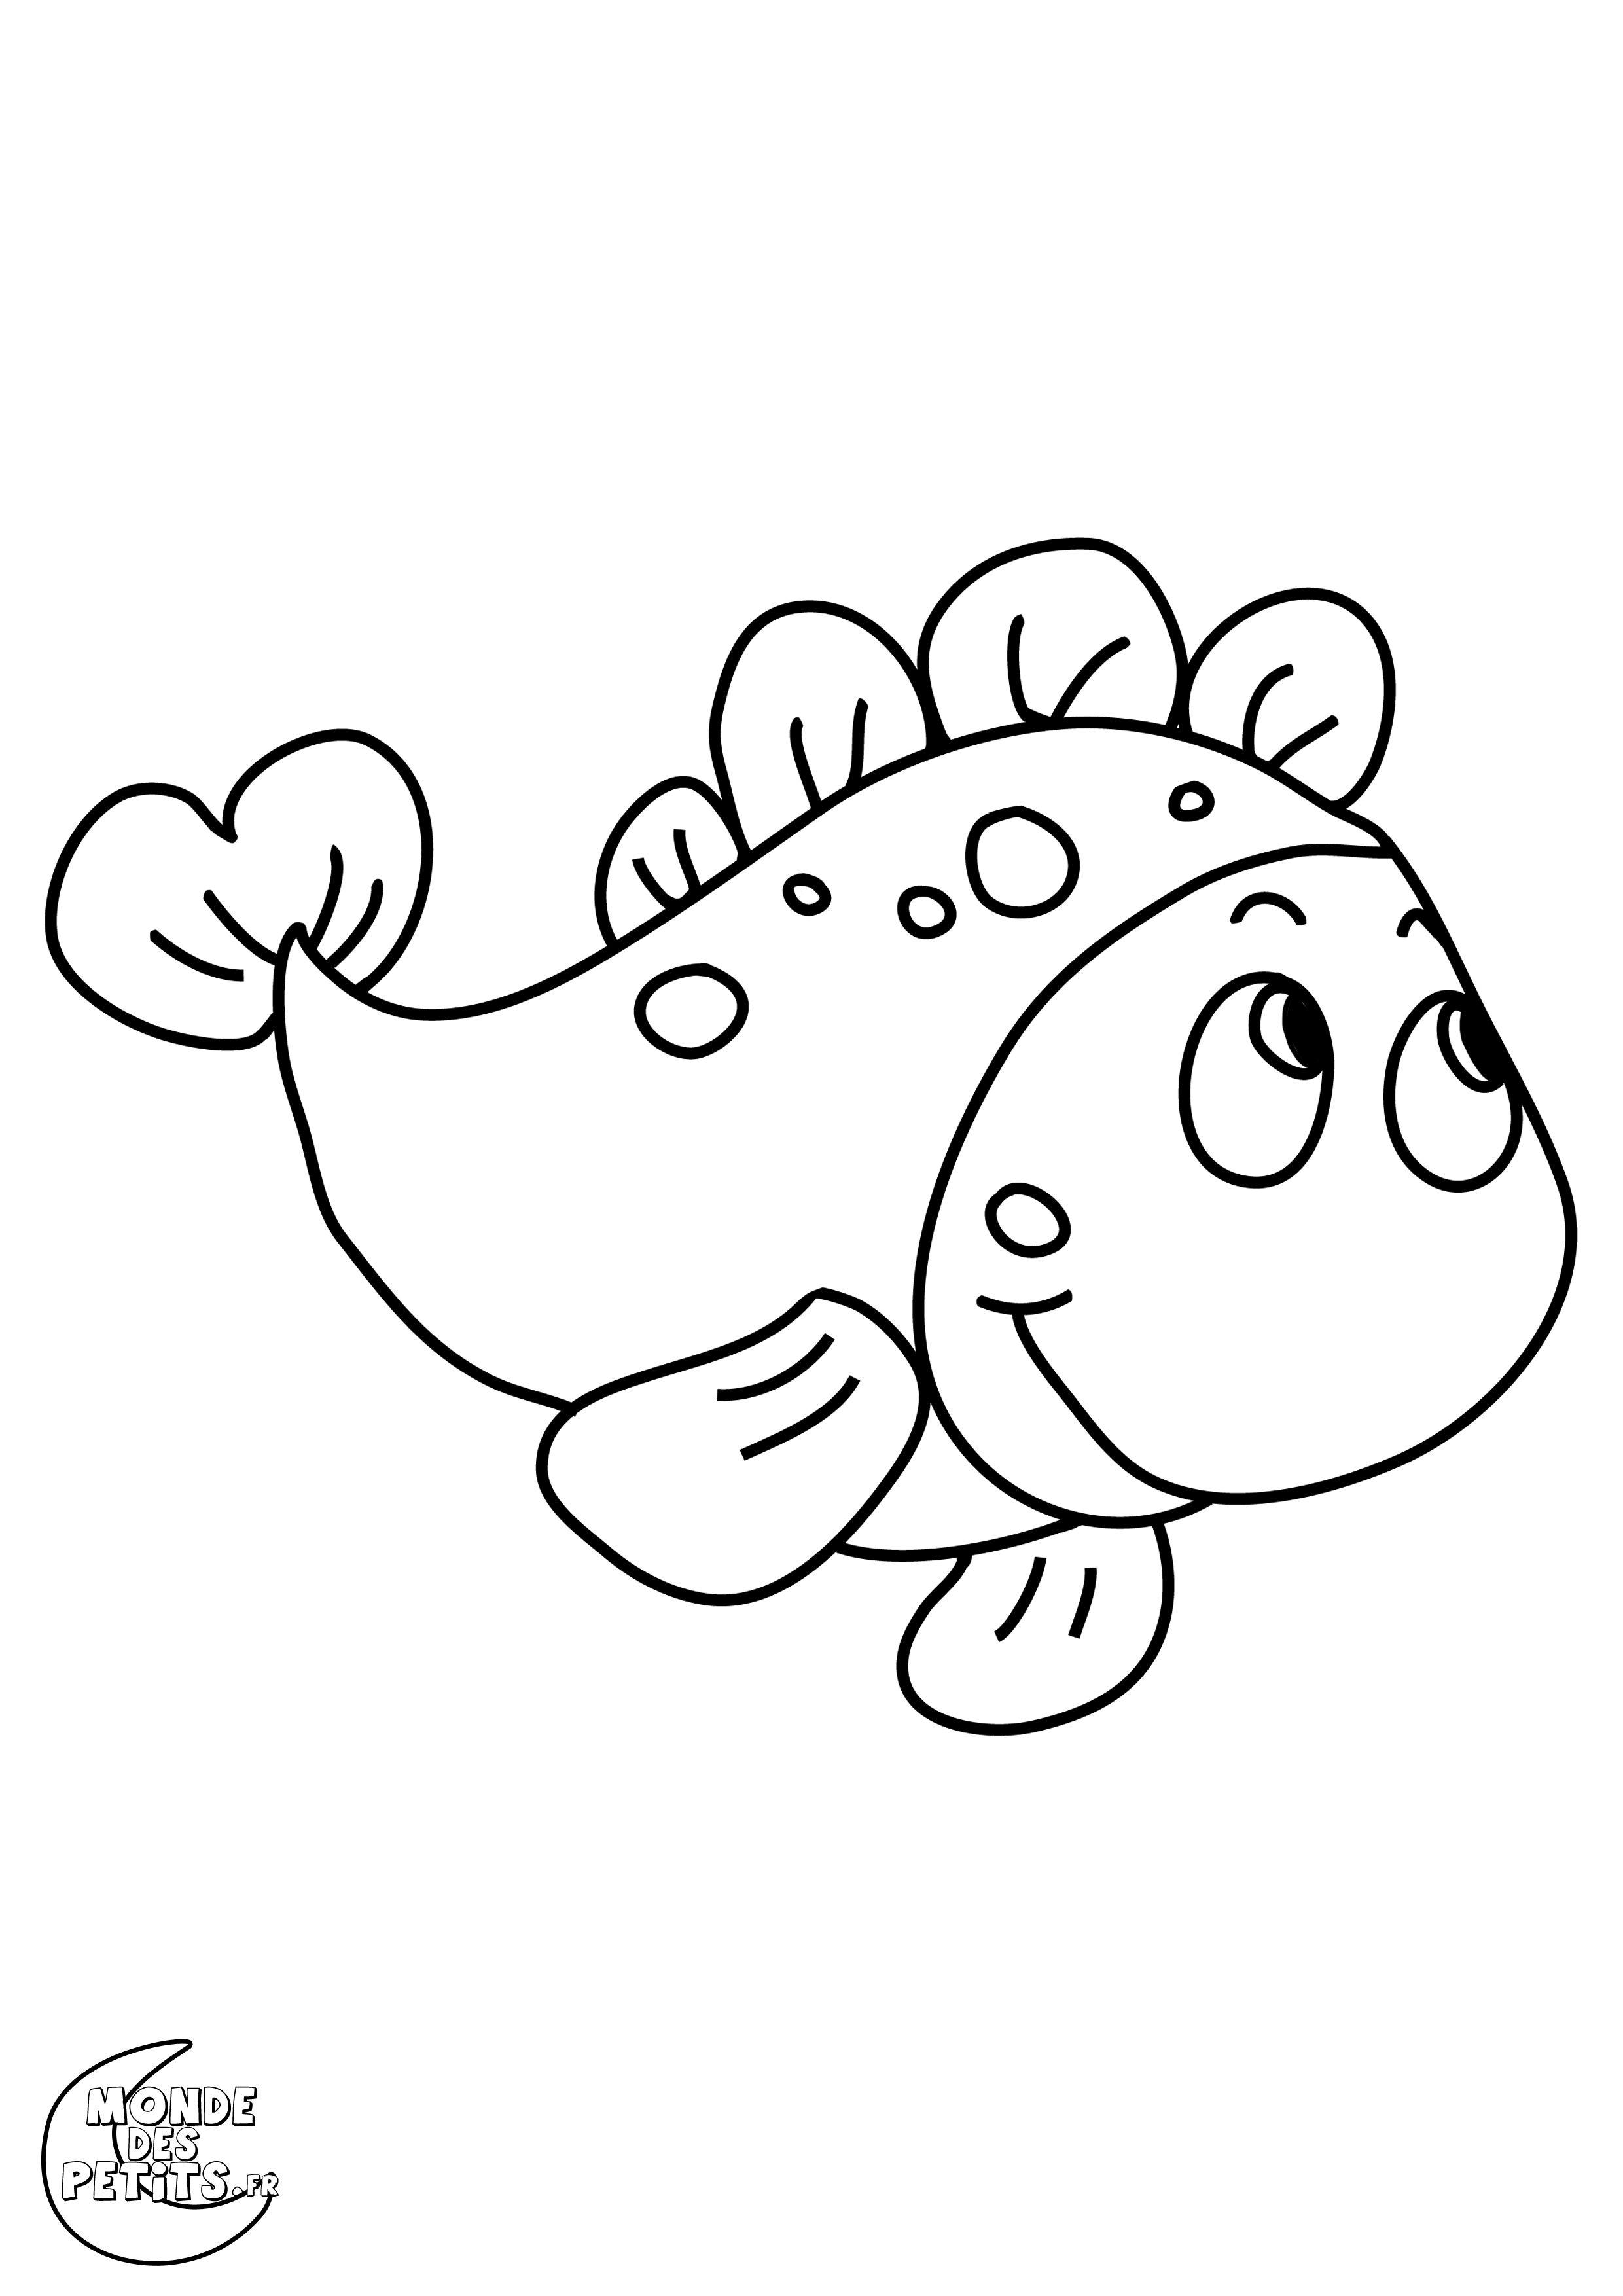 Coloriage poisson colorier dessin imprimer animaux - Image de poisson a imprimer ...